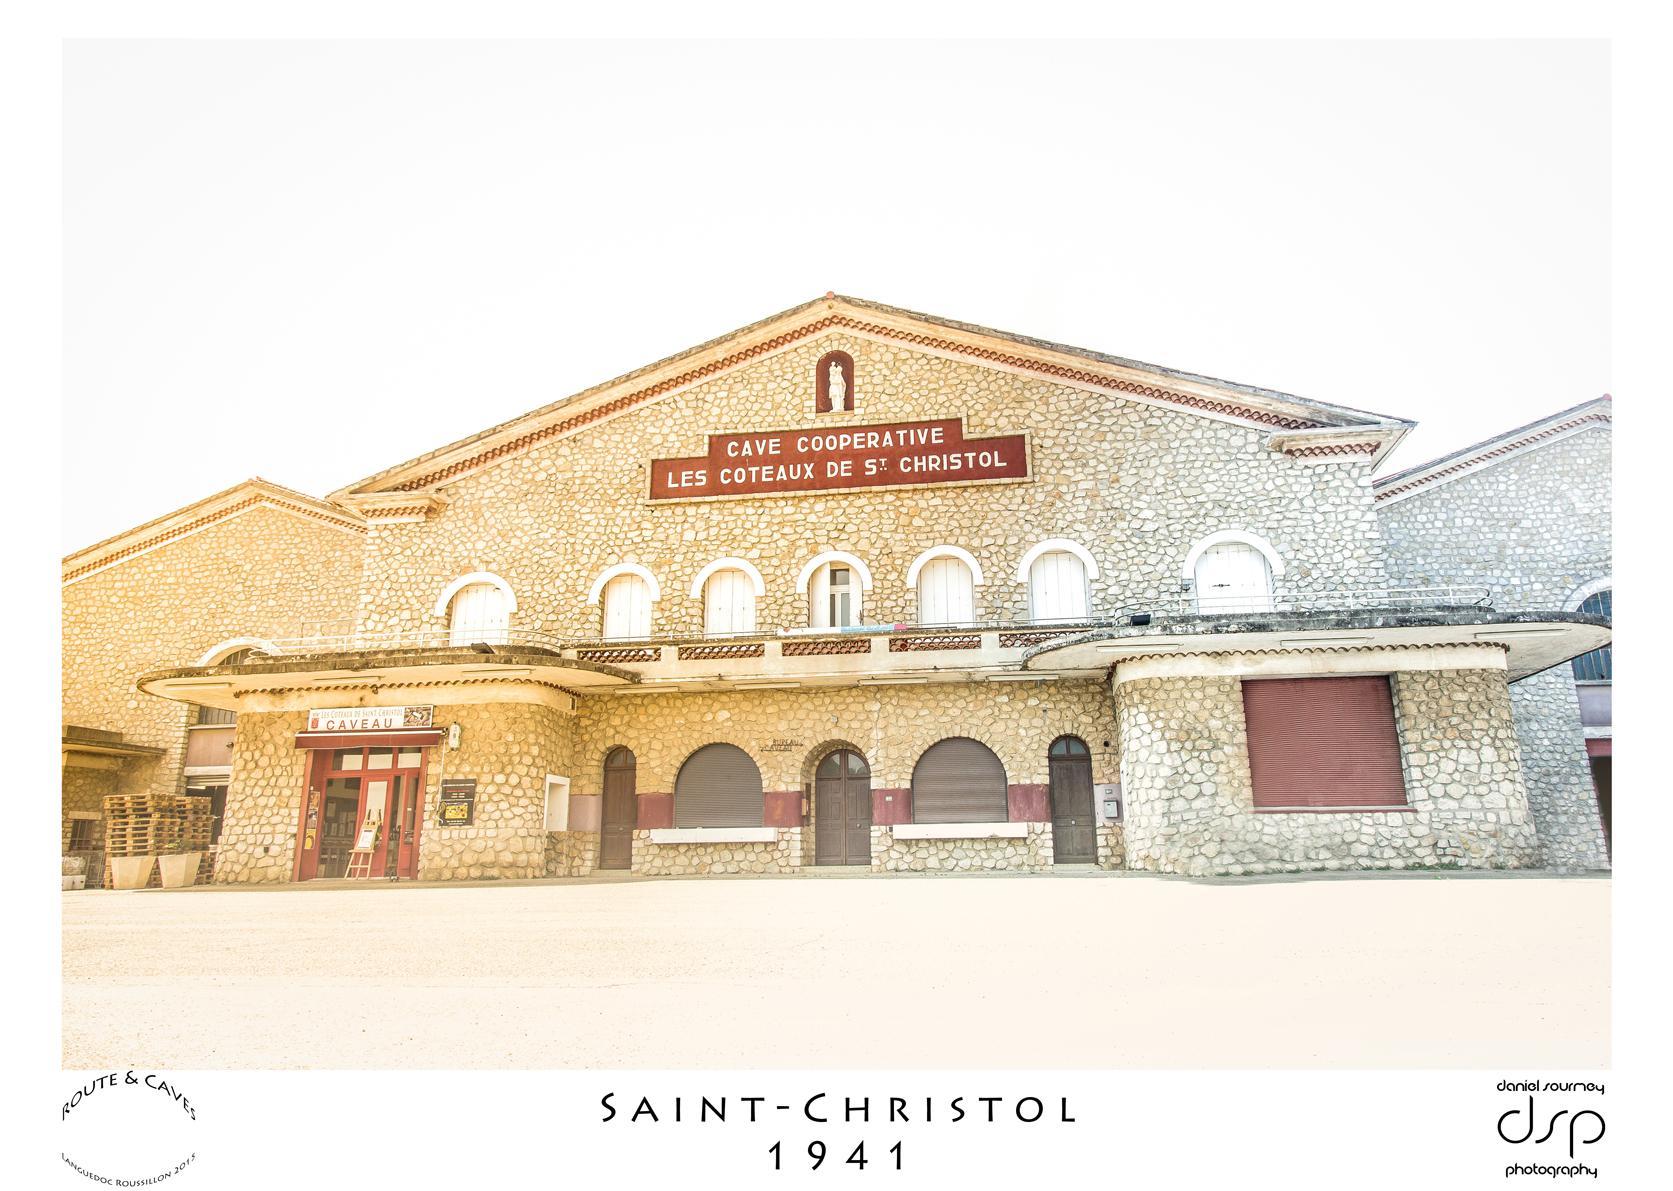 Cave coopérative de Saint Christol